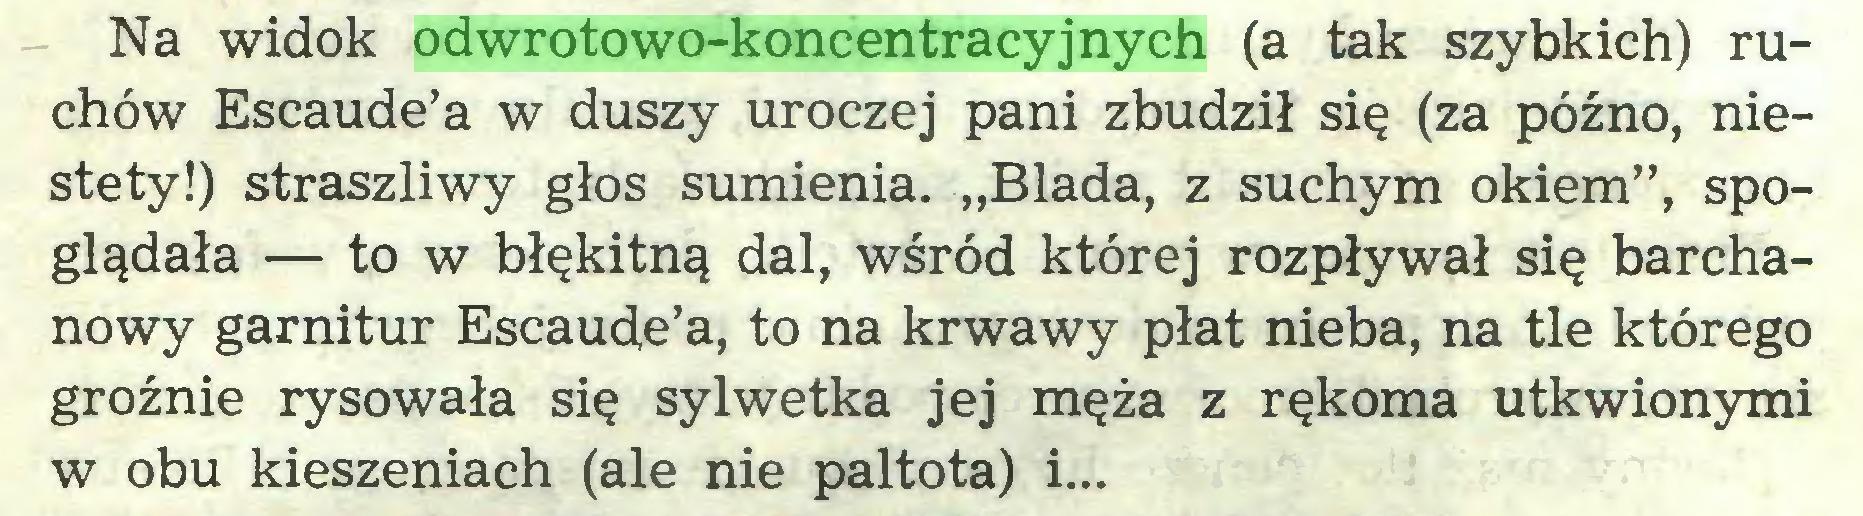 """(...) Na widok odwrotowo-koncentracyjnych (a tak szybkich) ruchów Escaude'a w duszy uroczej pani zbudził się (za późno, niestety!) straszliwy głos sumienia. """"Blada, z suchym okiem"""", spoglądała — to w błękitną dal, wśród której rozpływał się barchanowy garnitur Escaude'a, to na krwawy płat nieba, na tle którego groźnie rysowała się sylwetka jej męża z rękoma utkwionymi w obu kieszeniach (ale nie paltota) i..."""